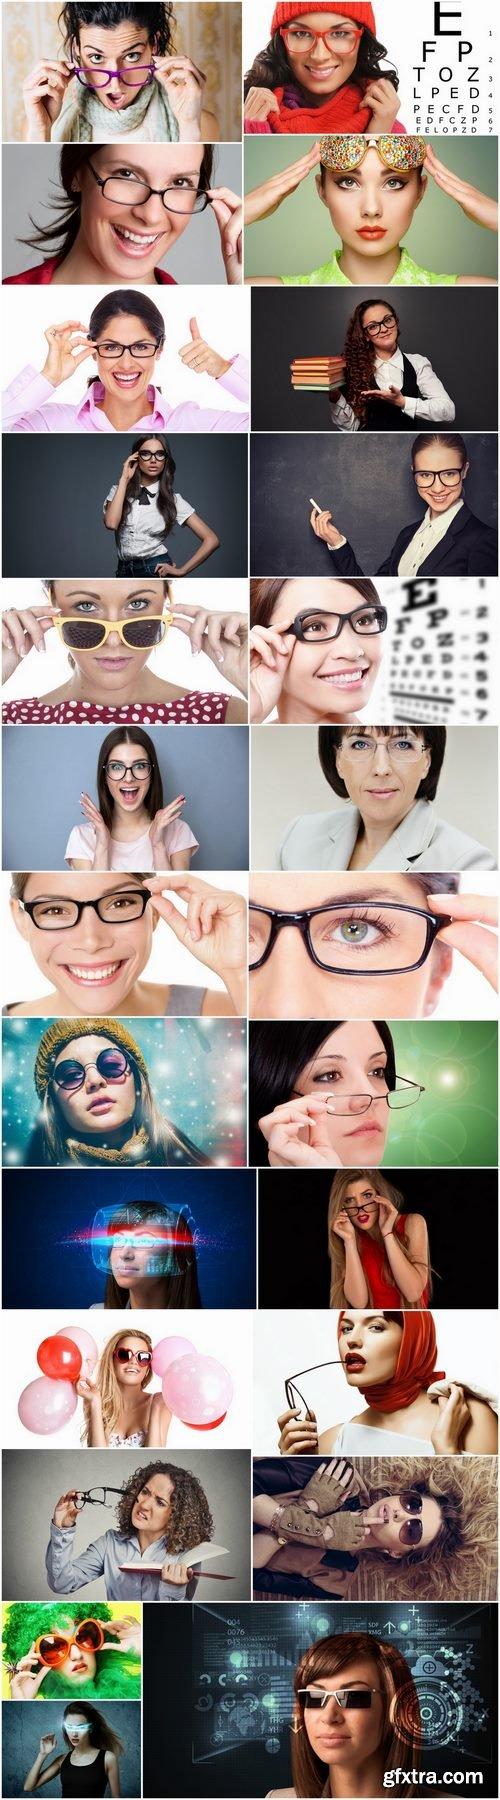 Girl woman glasses top model 25 HQ Jpeg